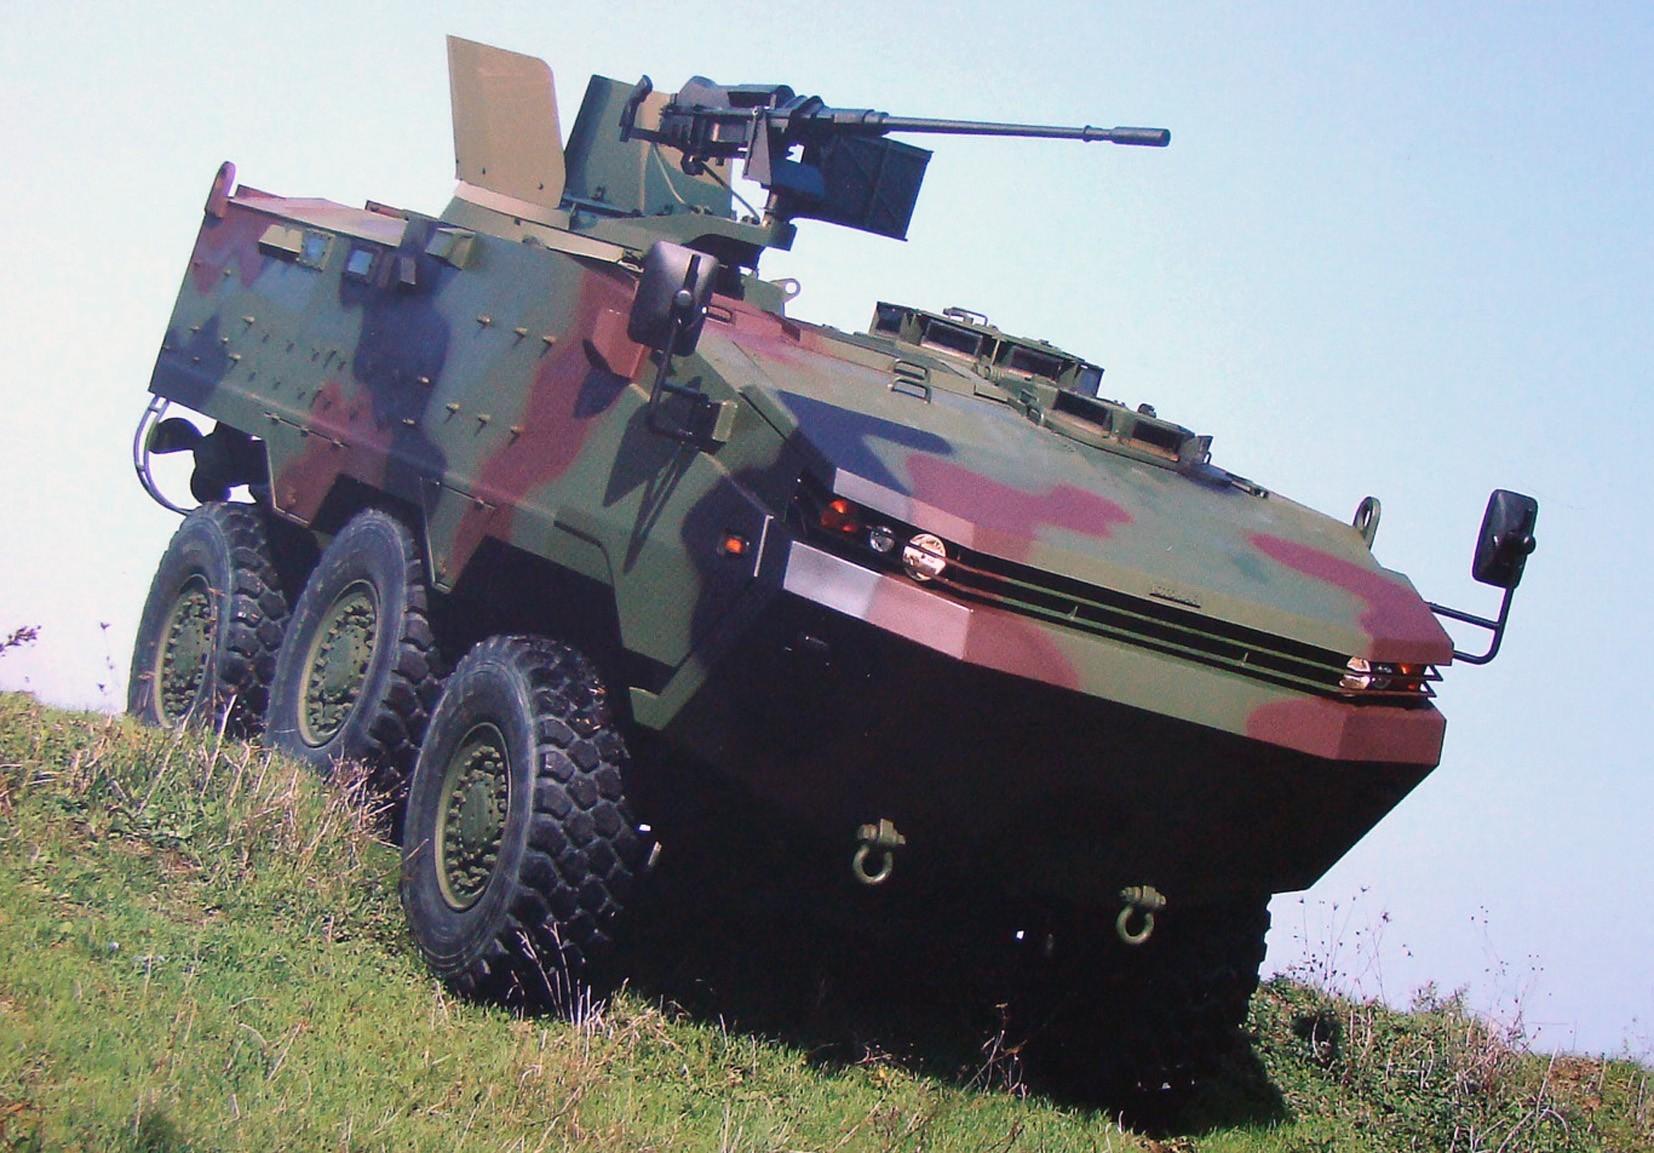 Трехосная бронемашина Otokar Arma с автоматической 20-мм пушкой